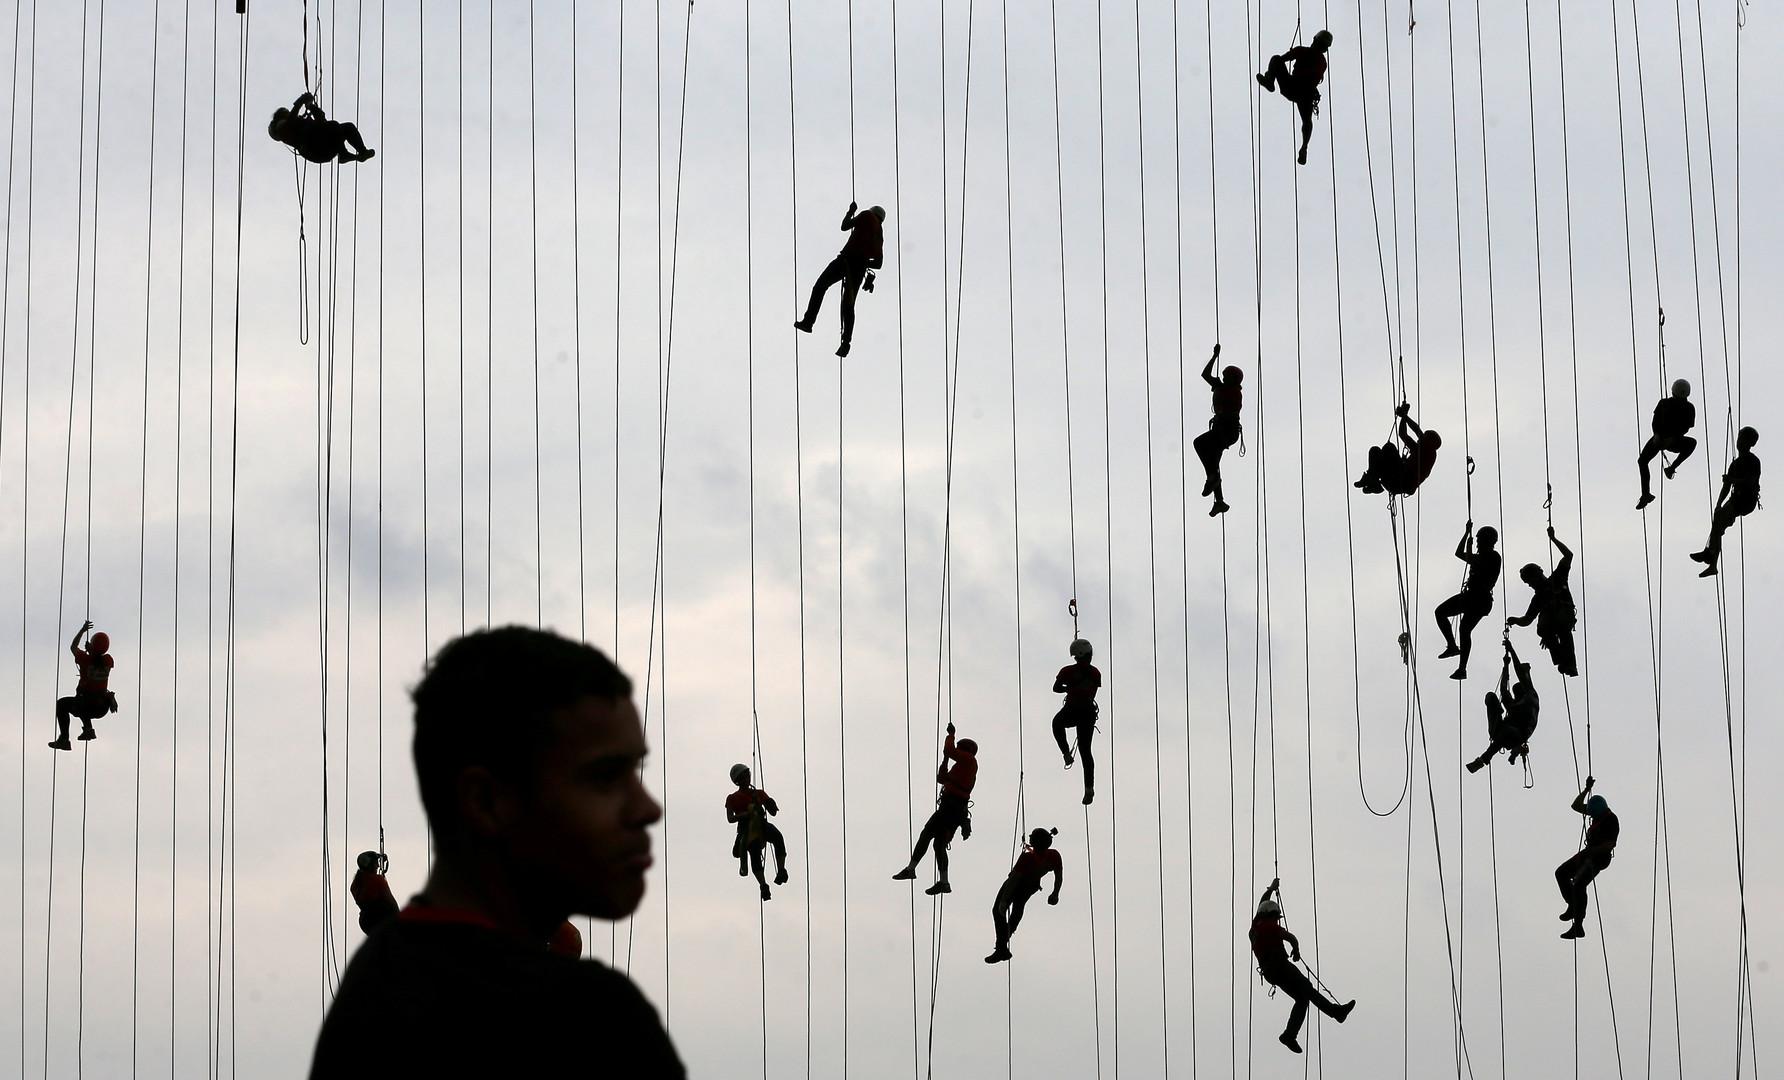 Menschen klettern Seile hoch, nachdem sie eine 30 Meter hohe Brücke in Hortolandia heruntergesprungen sind. 245 Menschen versuchten einen Weltrekord aufzustellen, in dem sie an Seile gebunden, gemeinsam von einer Brücke springen, Brasilien, 22. Oktober 2017.